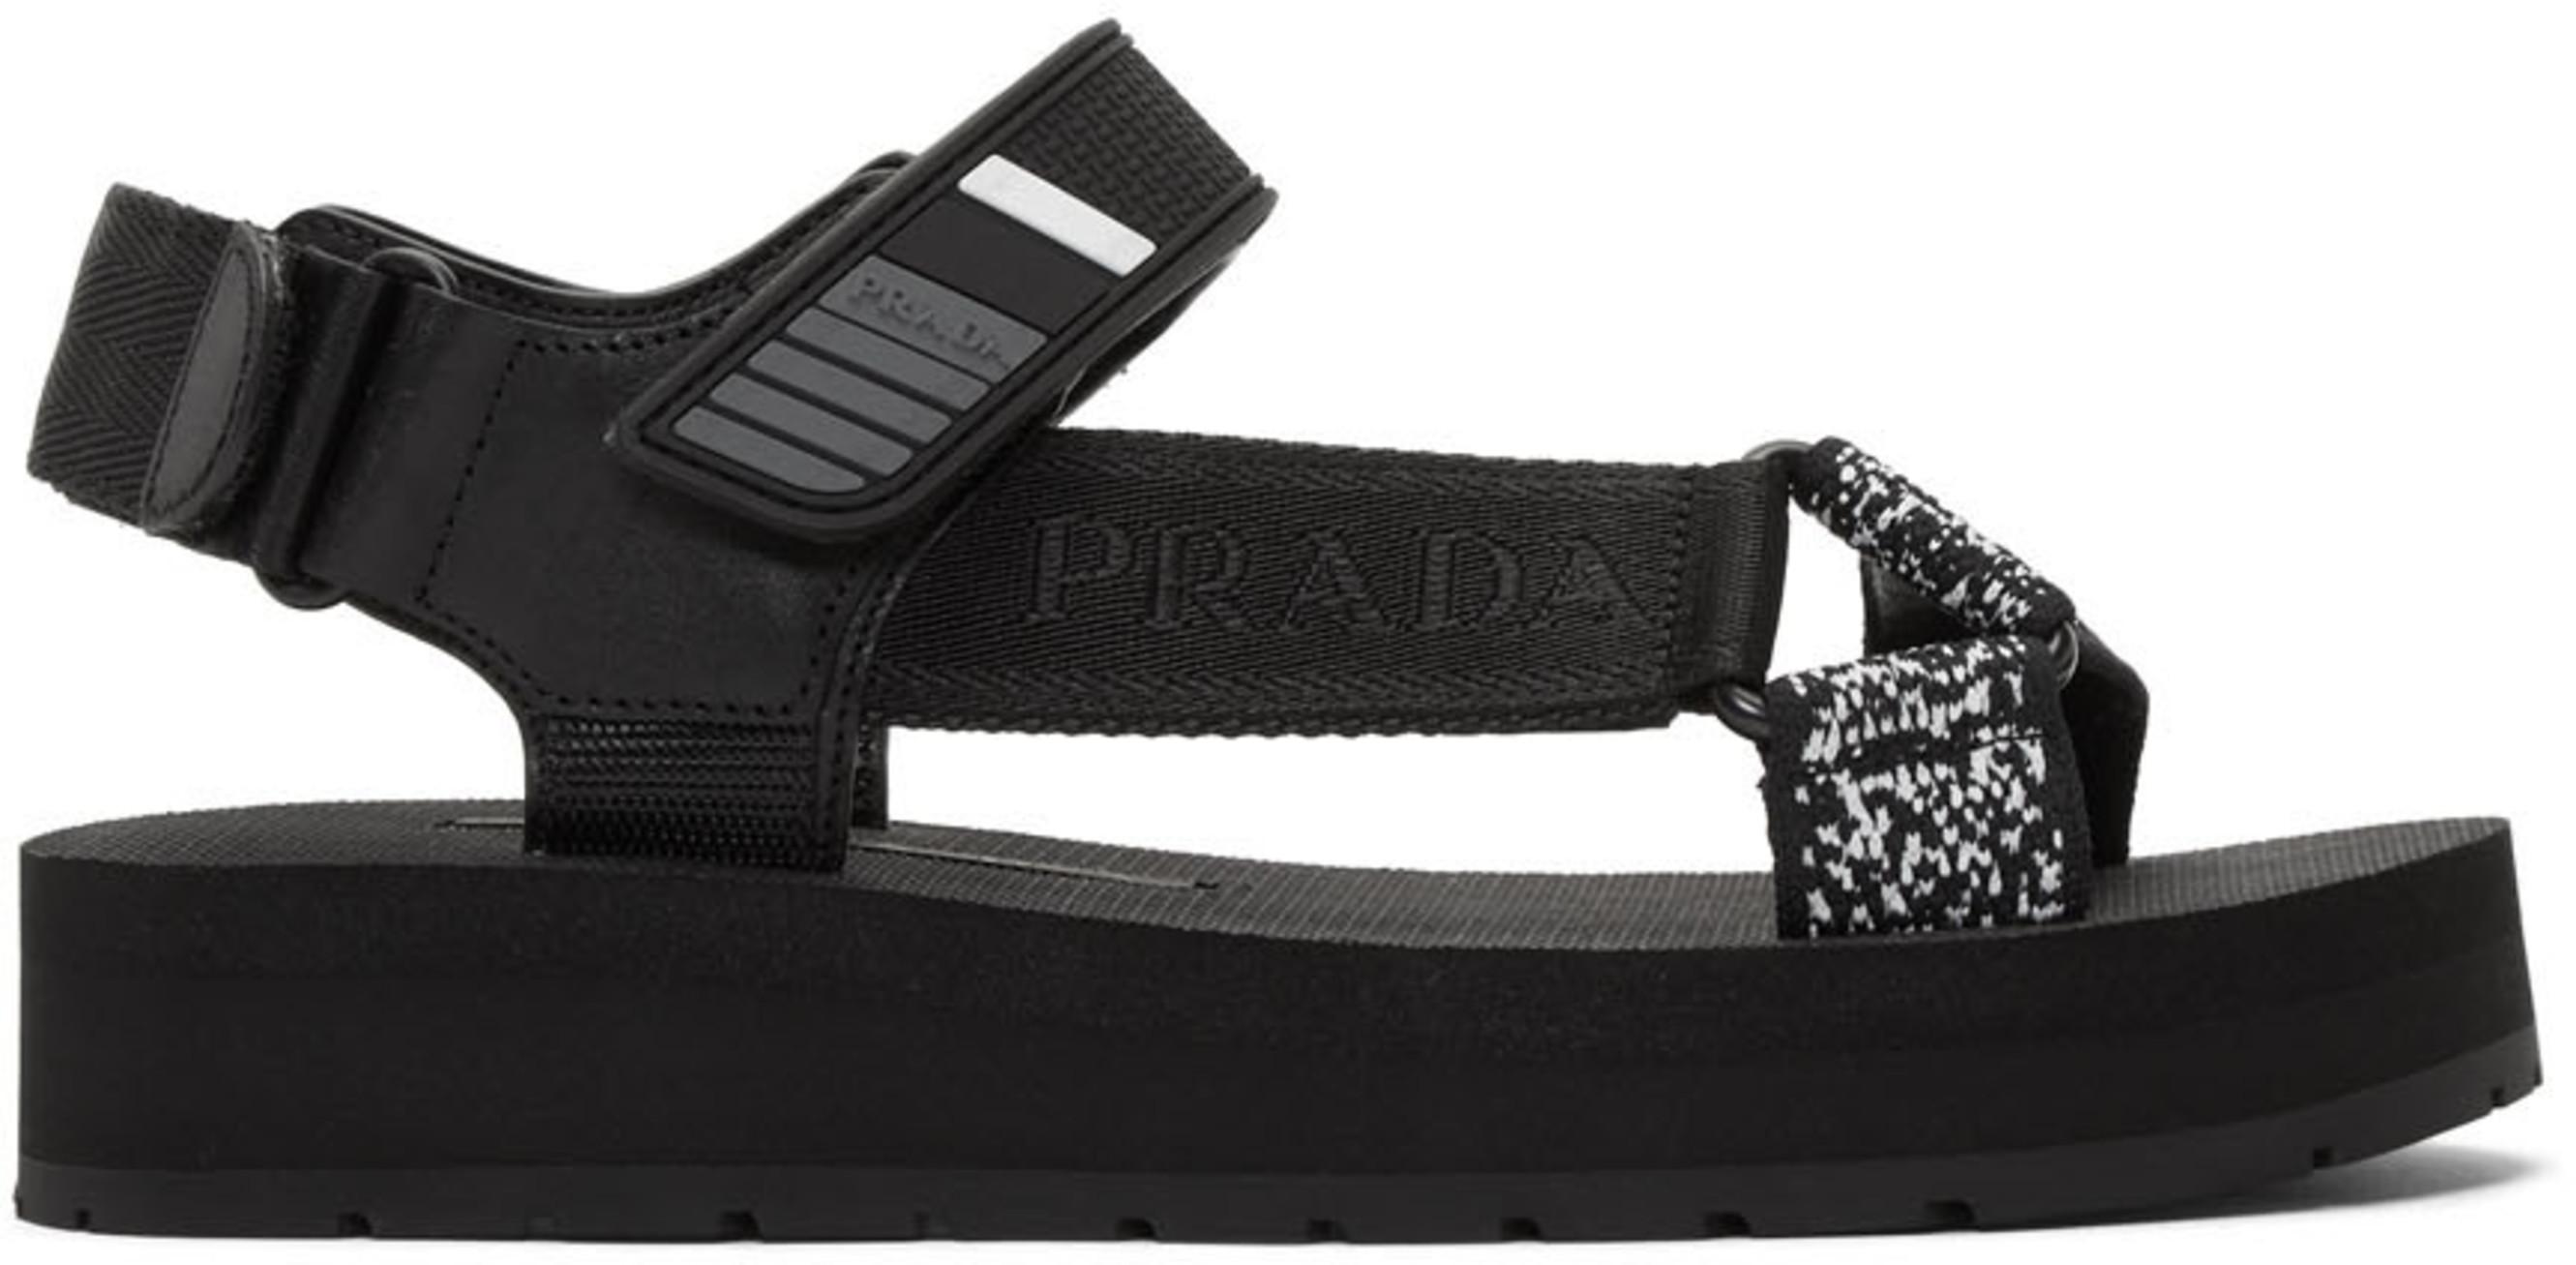 49ff2edcdc4e Prada shoes for Women